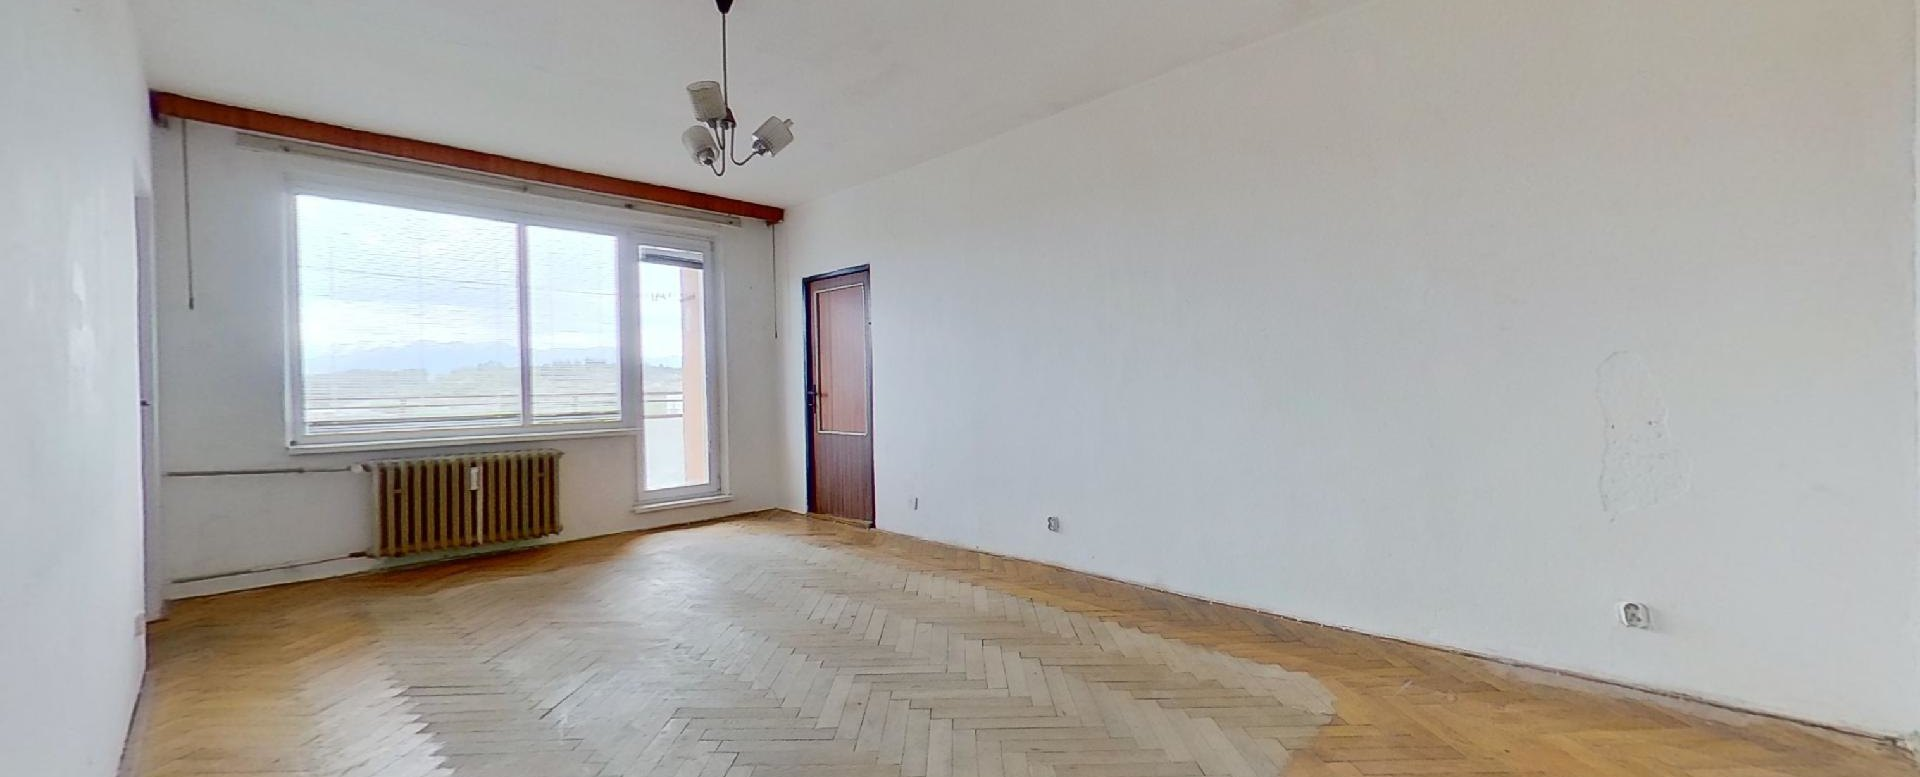 Obývacia izba v pôvodnom stave